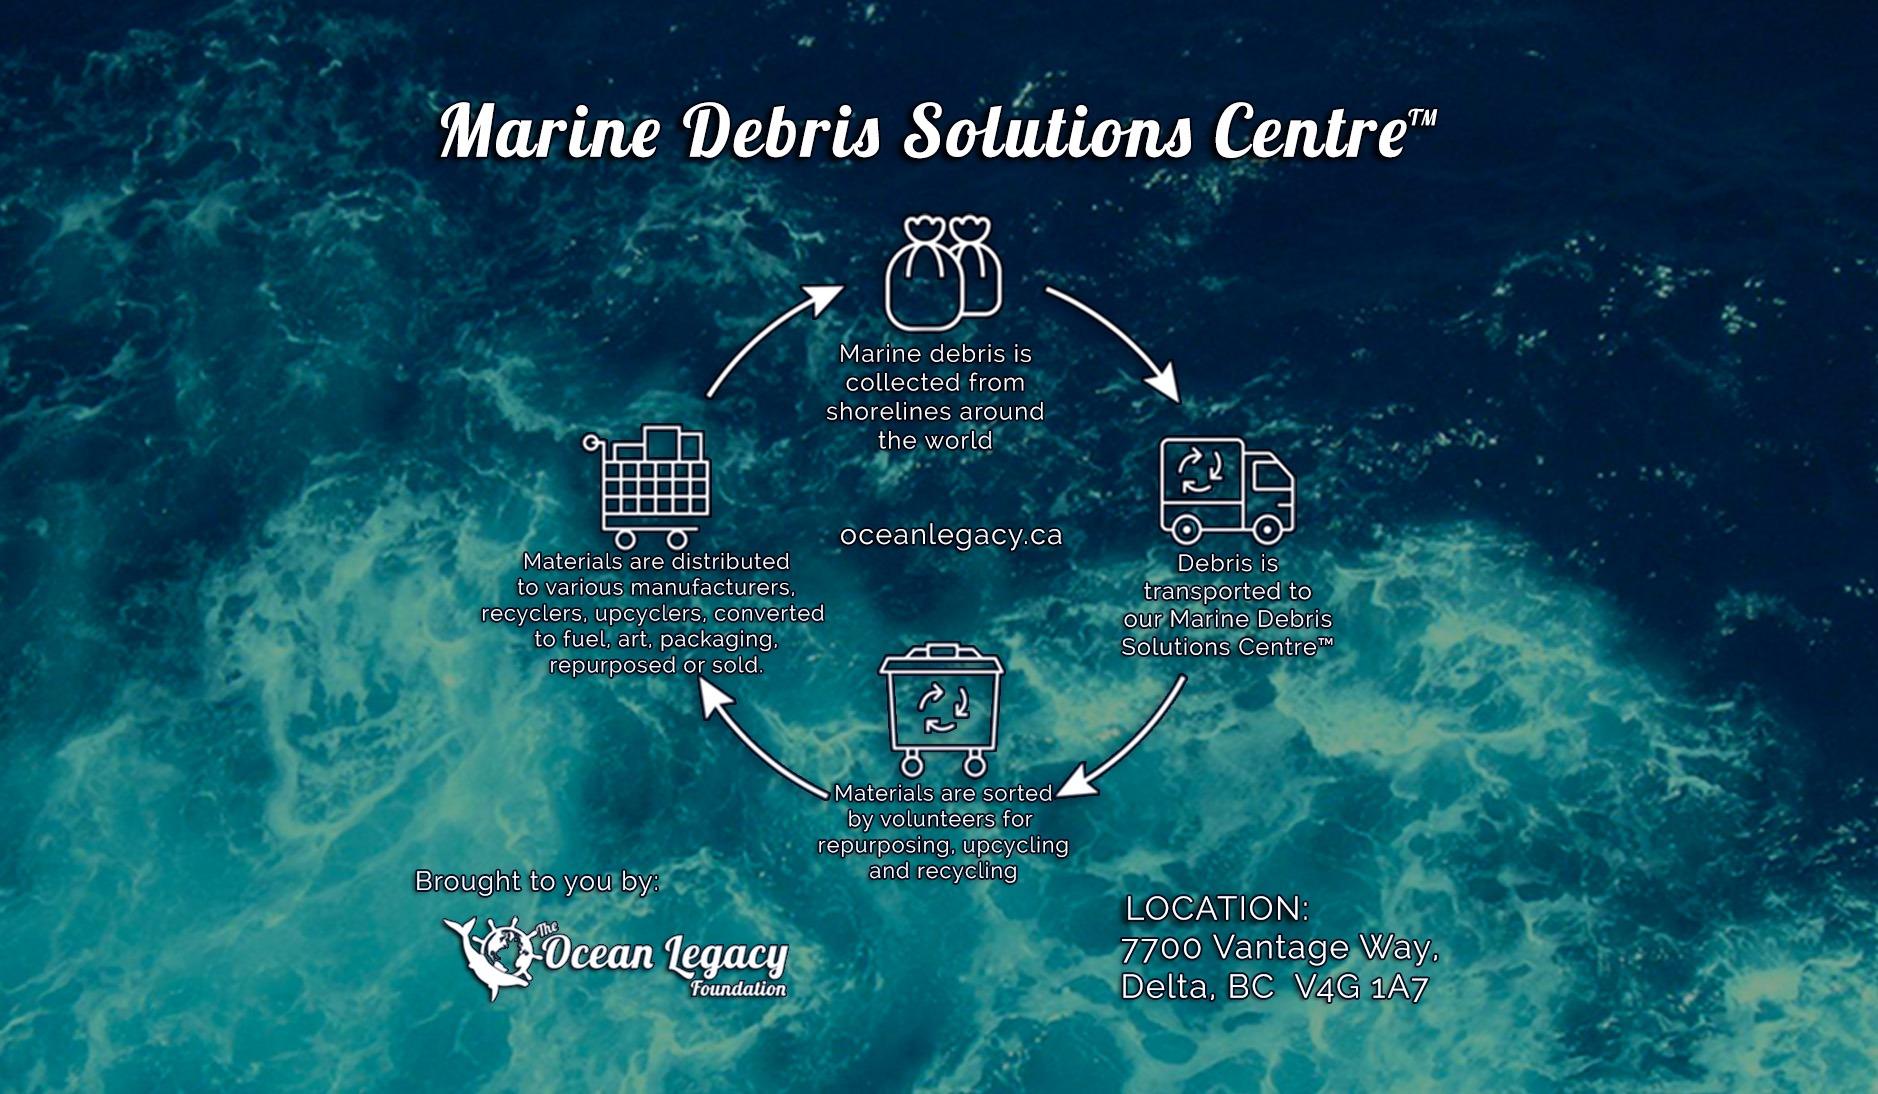 marine_debris_solutions_centre